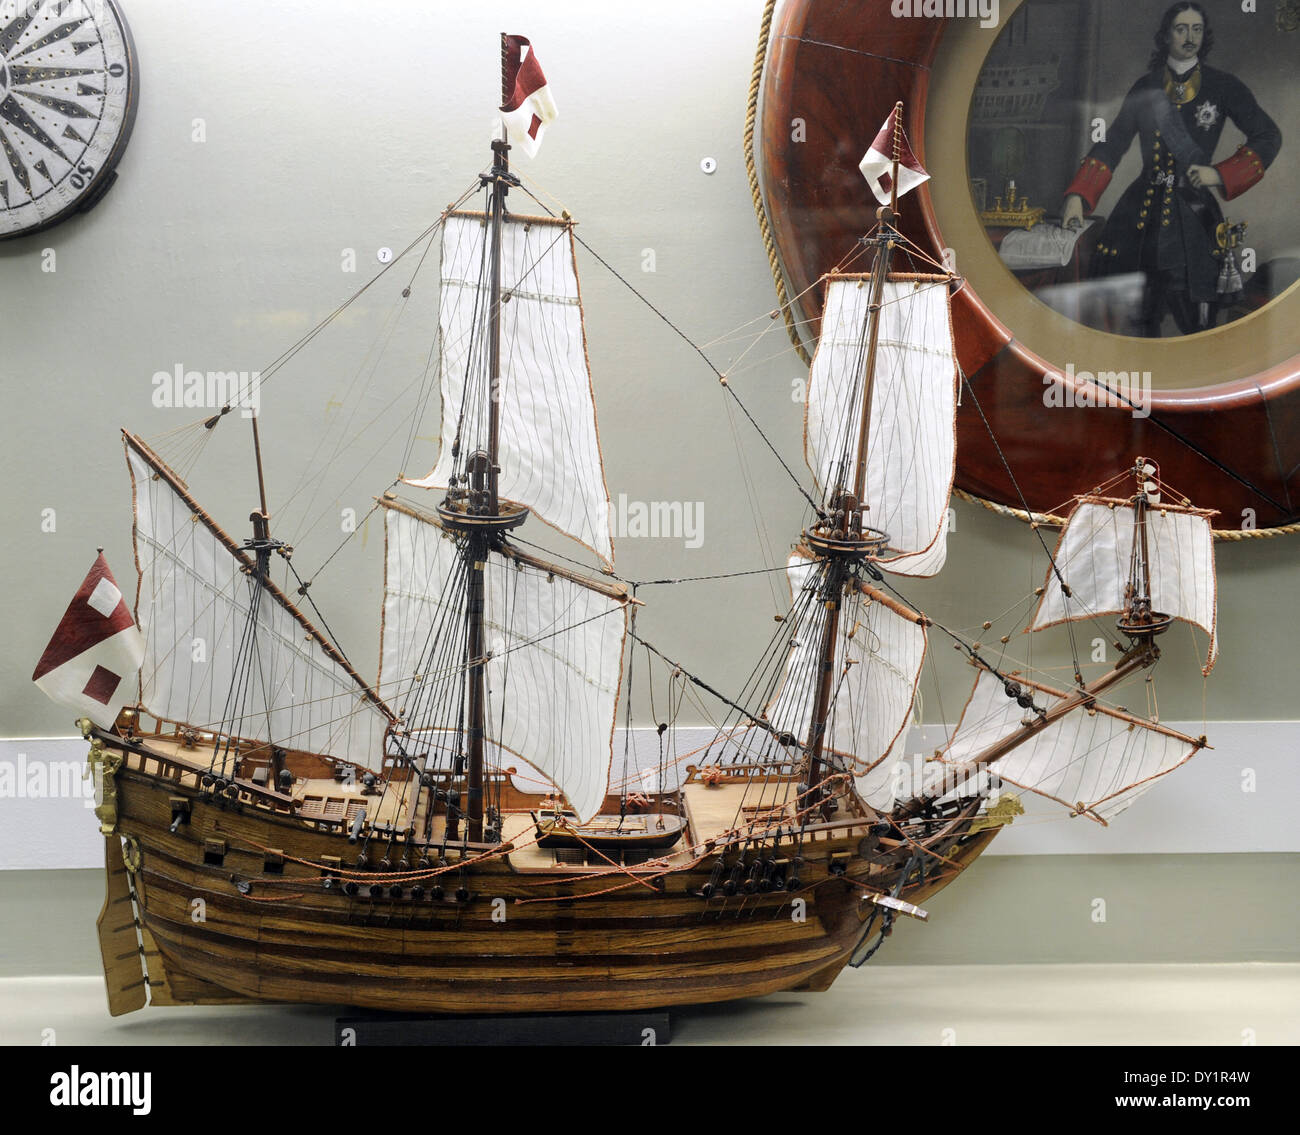 Geschichte der Navigation. Mittelalterliche Boot. Kunst-Modell. Museum of History und Navigation. Riga. Lettland. Stockbild